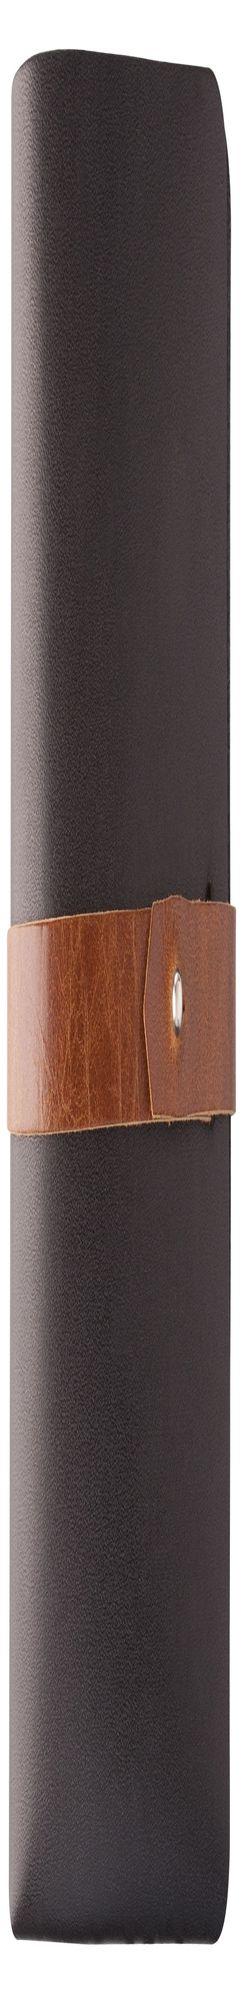 Автобумажник Leaf Explorer, черный с коричневым хлястиком фото